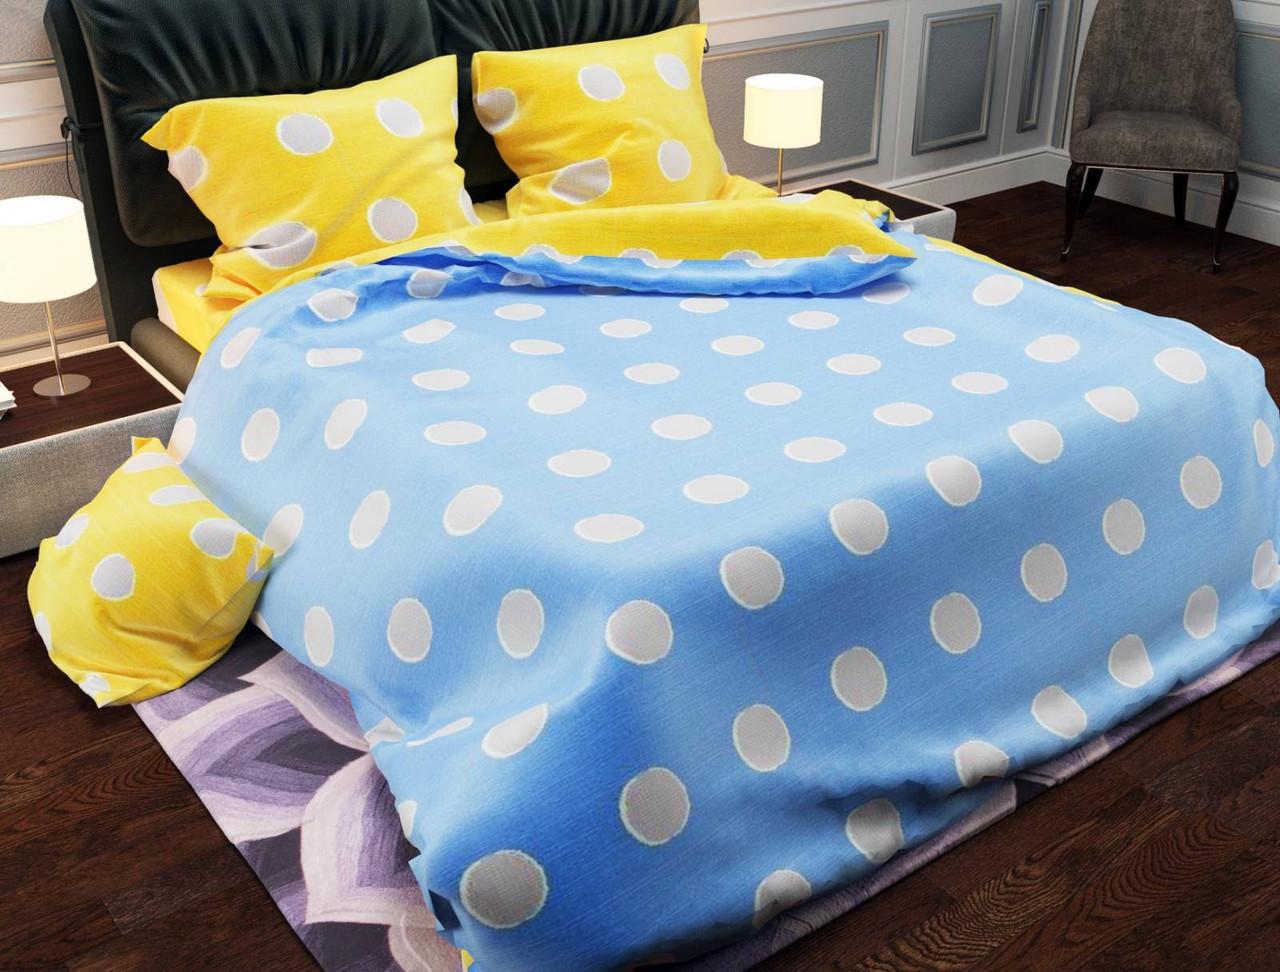 Комплект красивого и качественного постельного белья семейка, желто-голубое